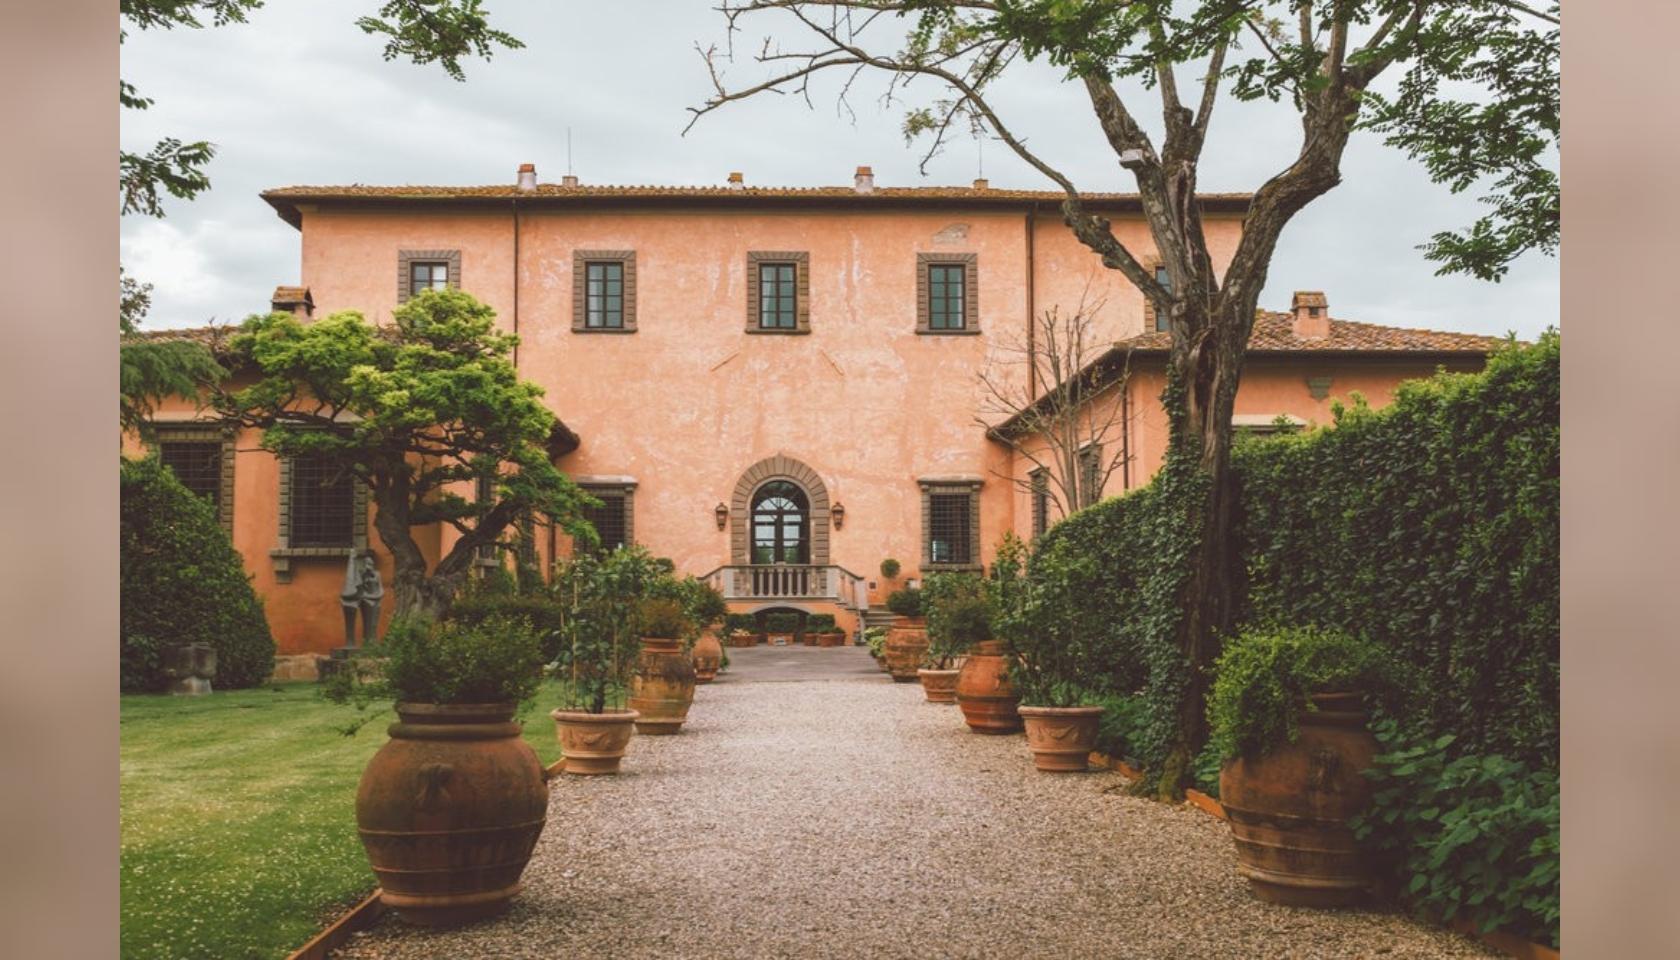 Soggiorno per 2 persone presso la Villa Mangiacane ...